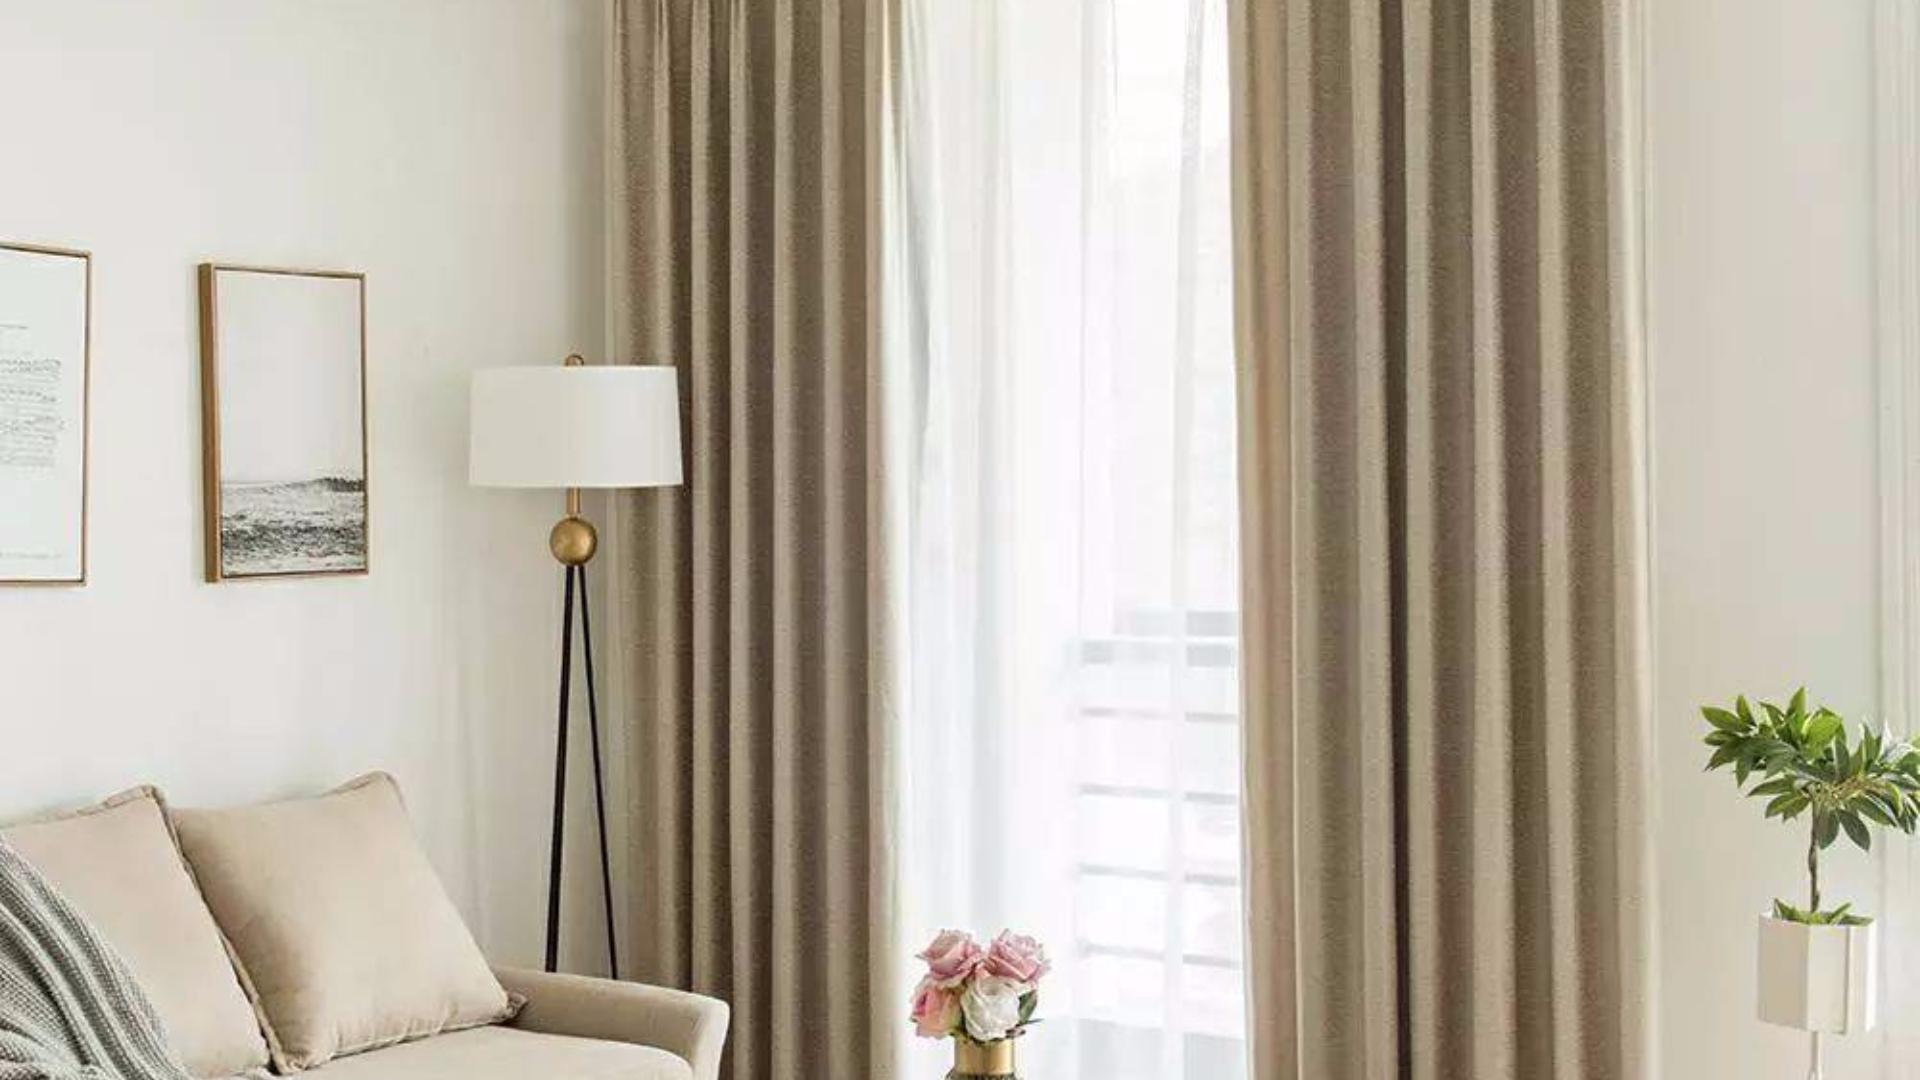 家里窗帘不要乱选,听完导购的分析,终于知道怎么正确选窗帘了